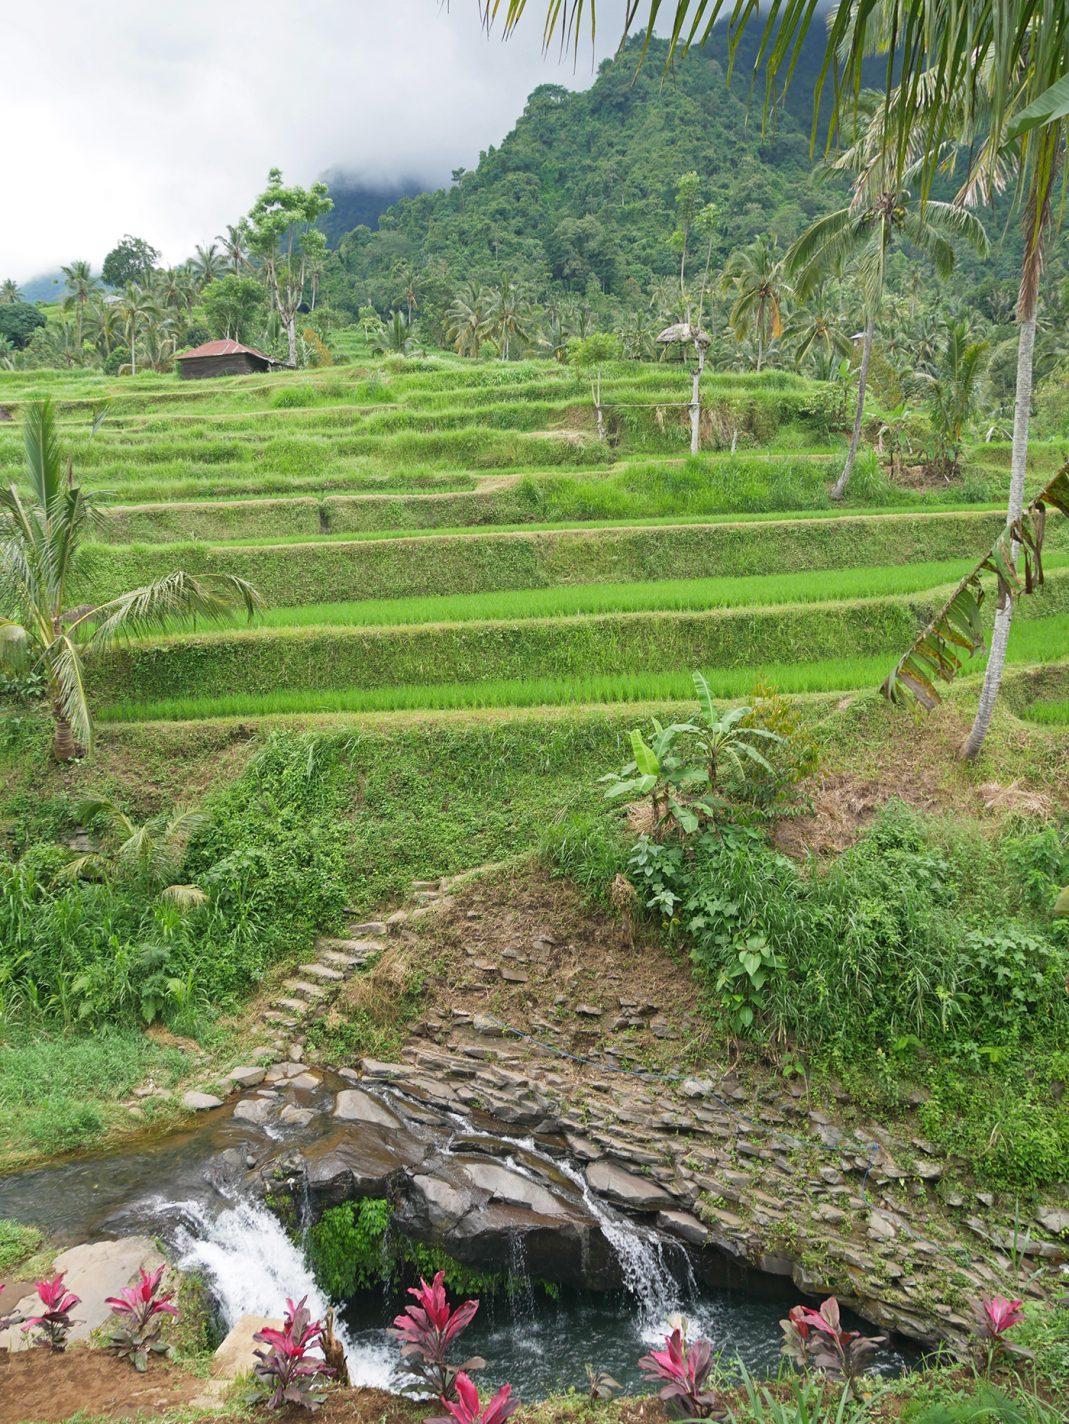 Prachtige natuur in Noord-Bali